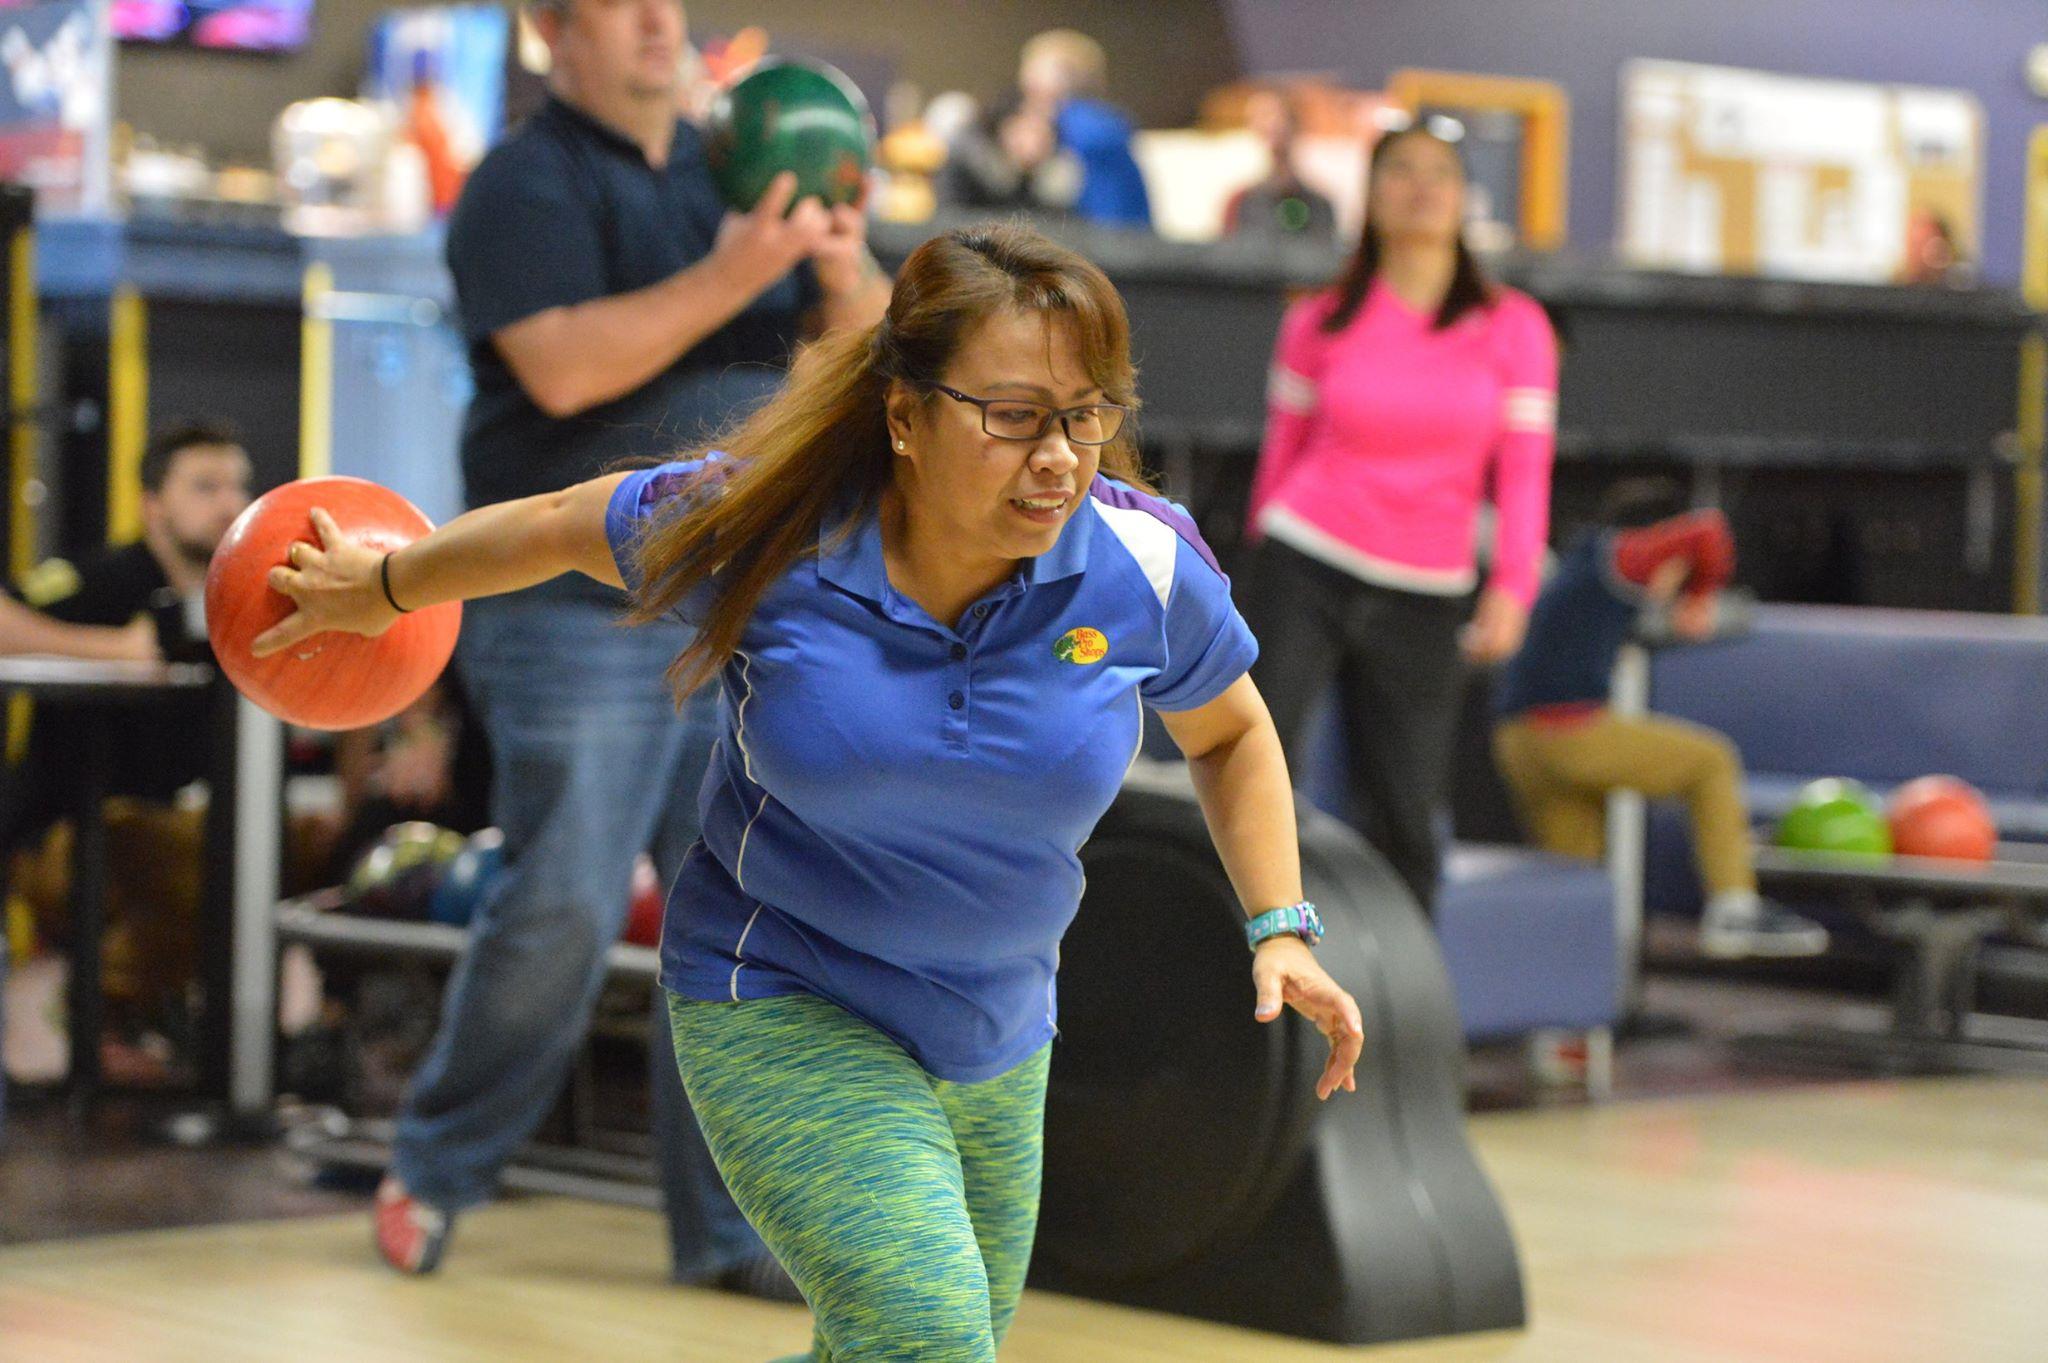 cisc-bowling-fun-2018-05